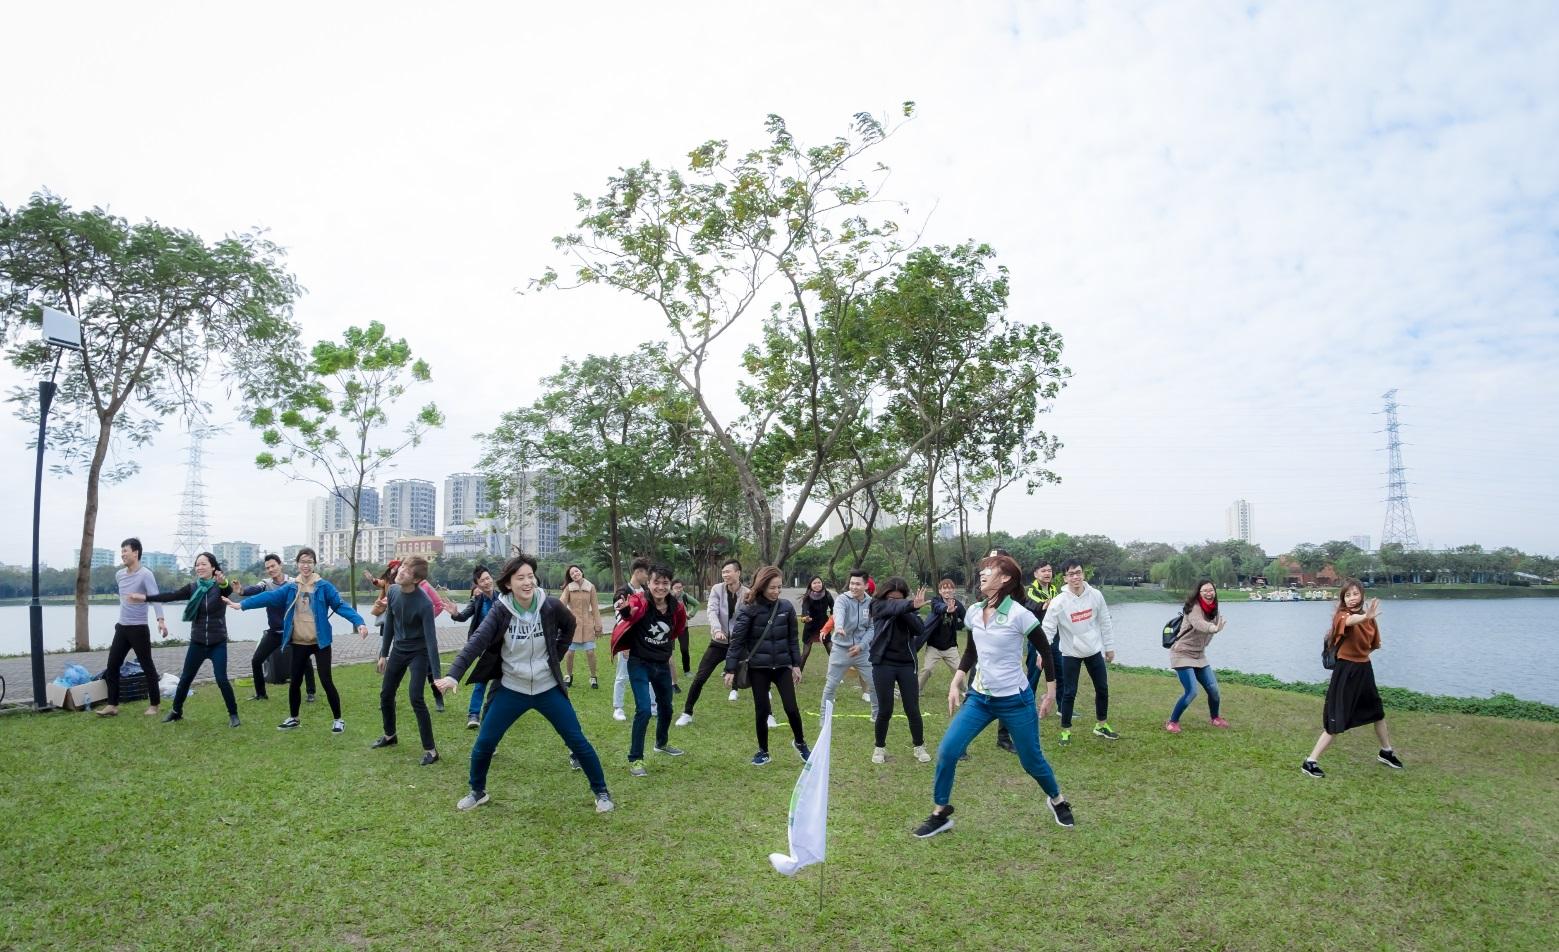 Hình ảnh: Các bạn học sinh nhảy Soran Bushi cùng các thầy cô giáo